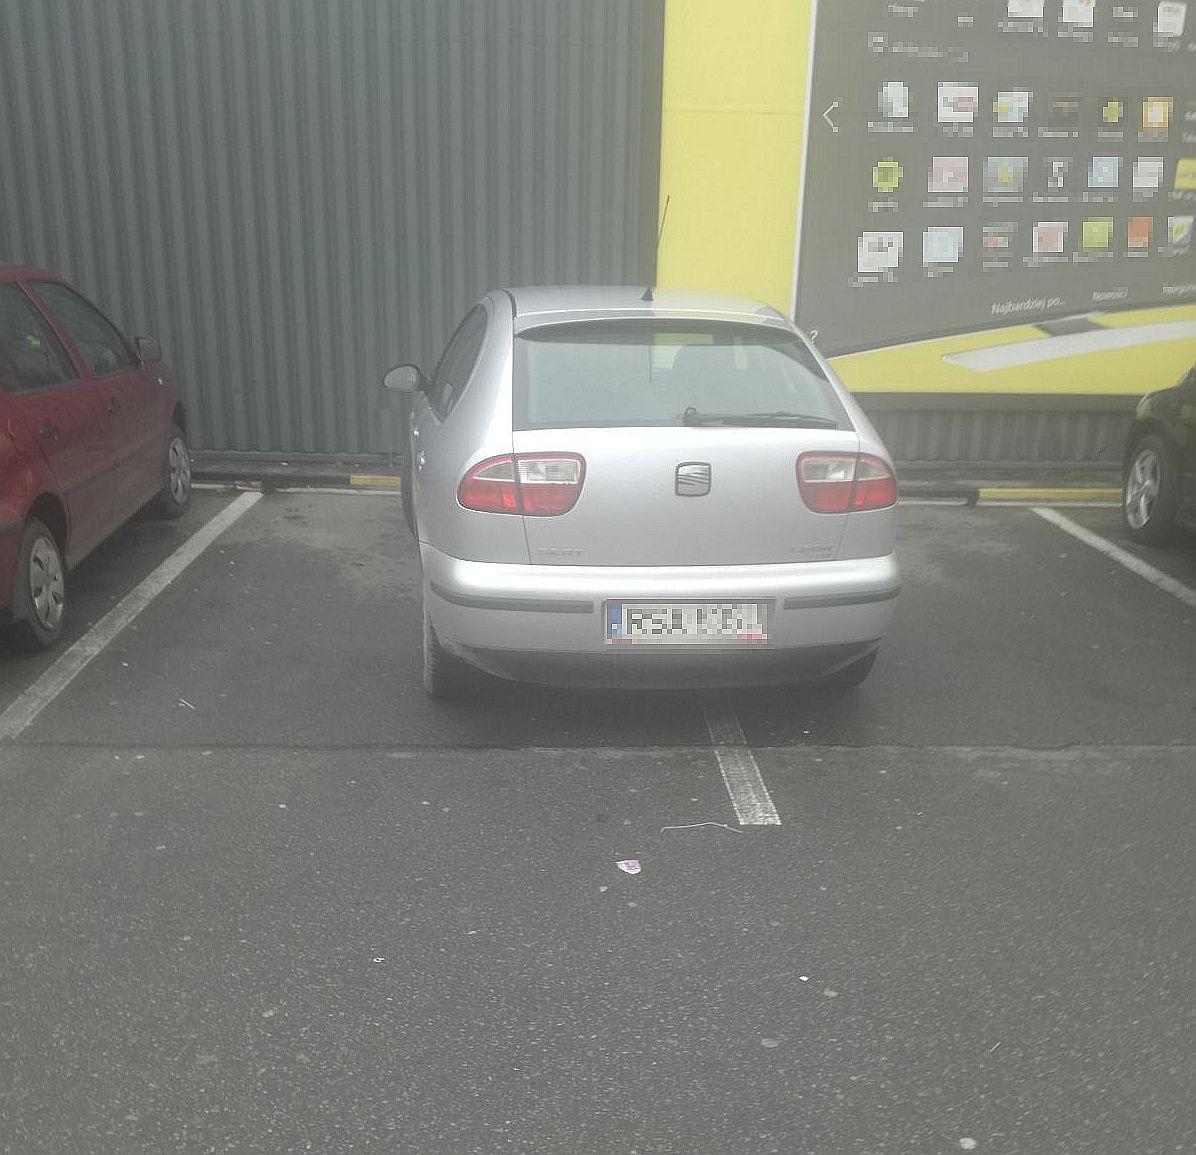 parkowanie2